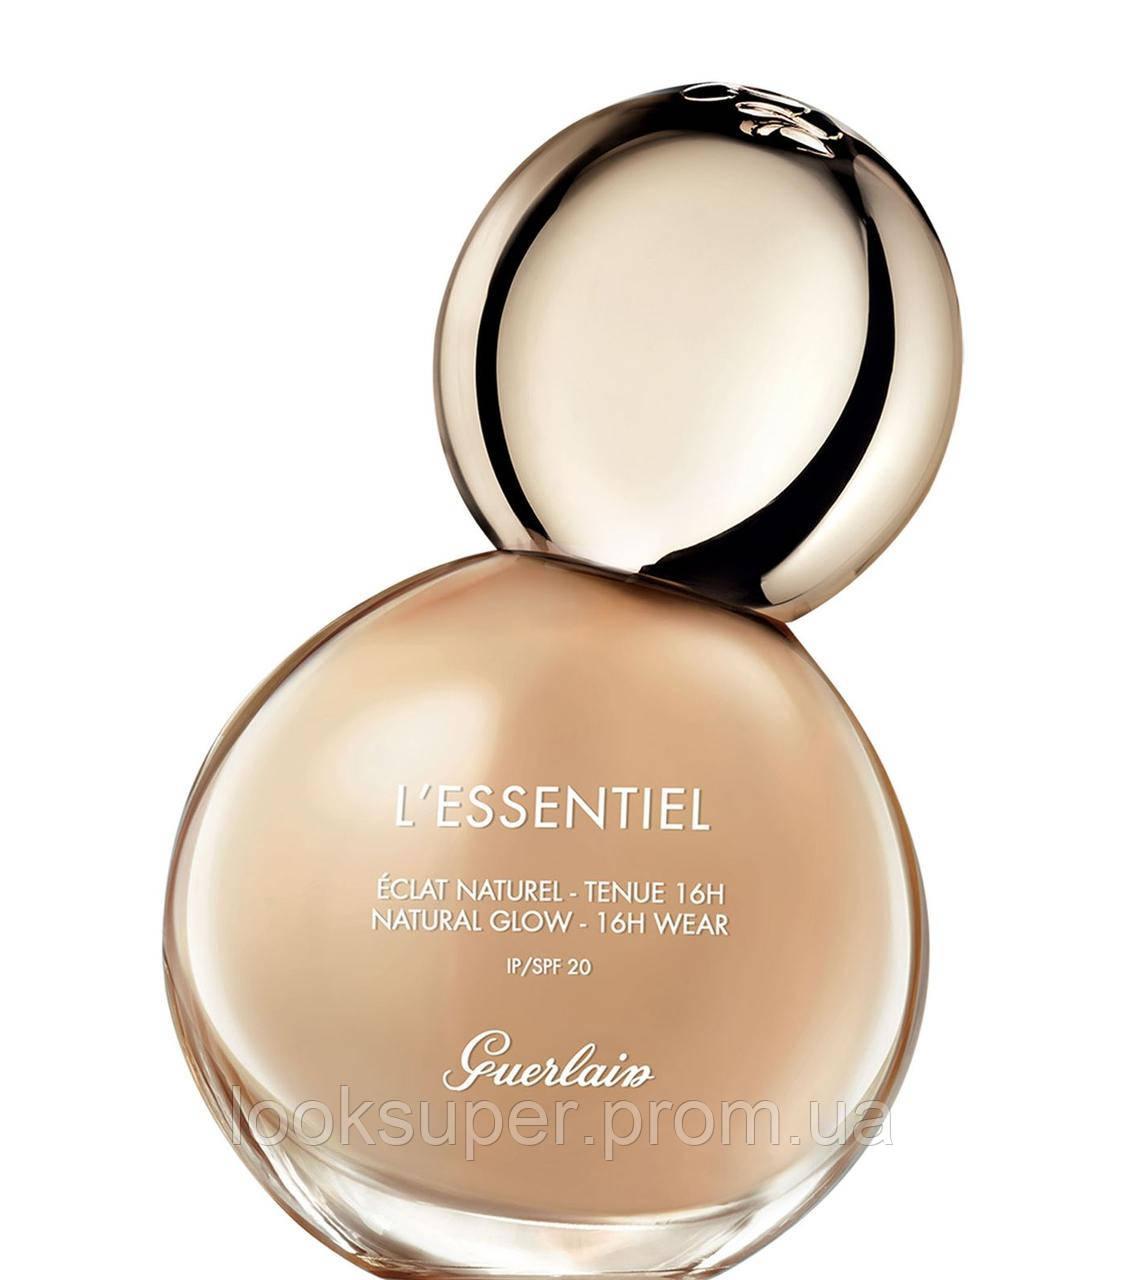 Тональная основа с эффектом сияния Guerlain L'Essentiel Natural Glow Foundation 16h Wear SPF 20  28 оттенков